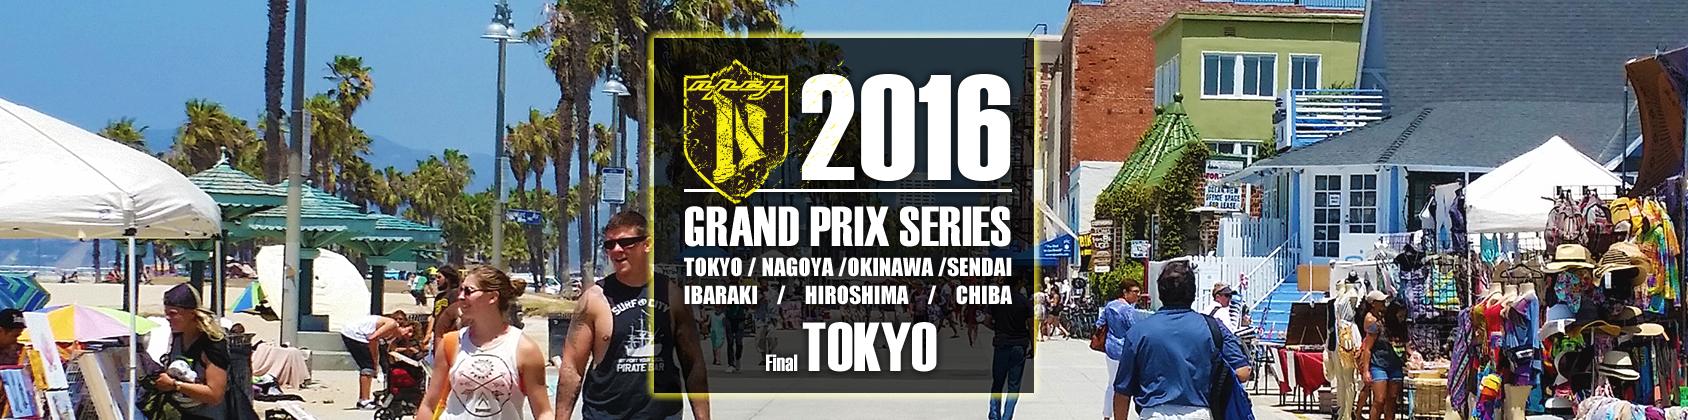 2016 NPCJ Grand Prix Series